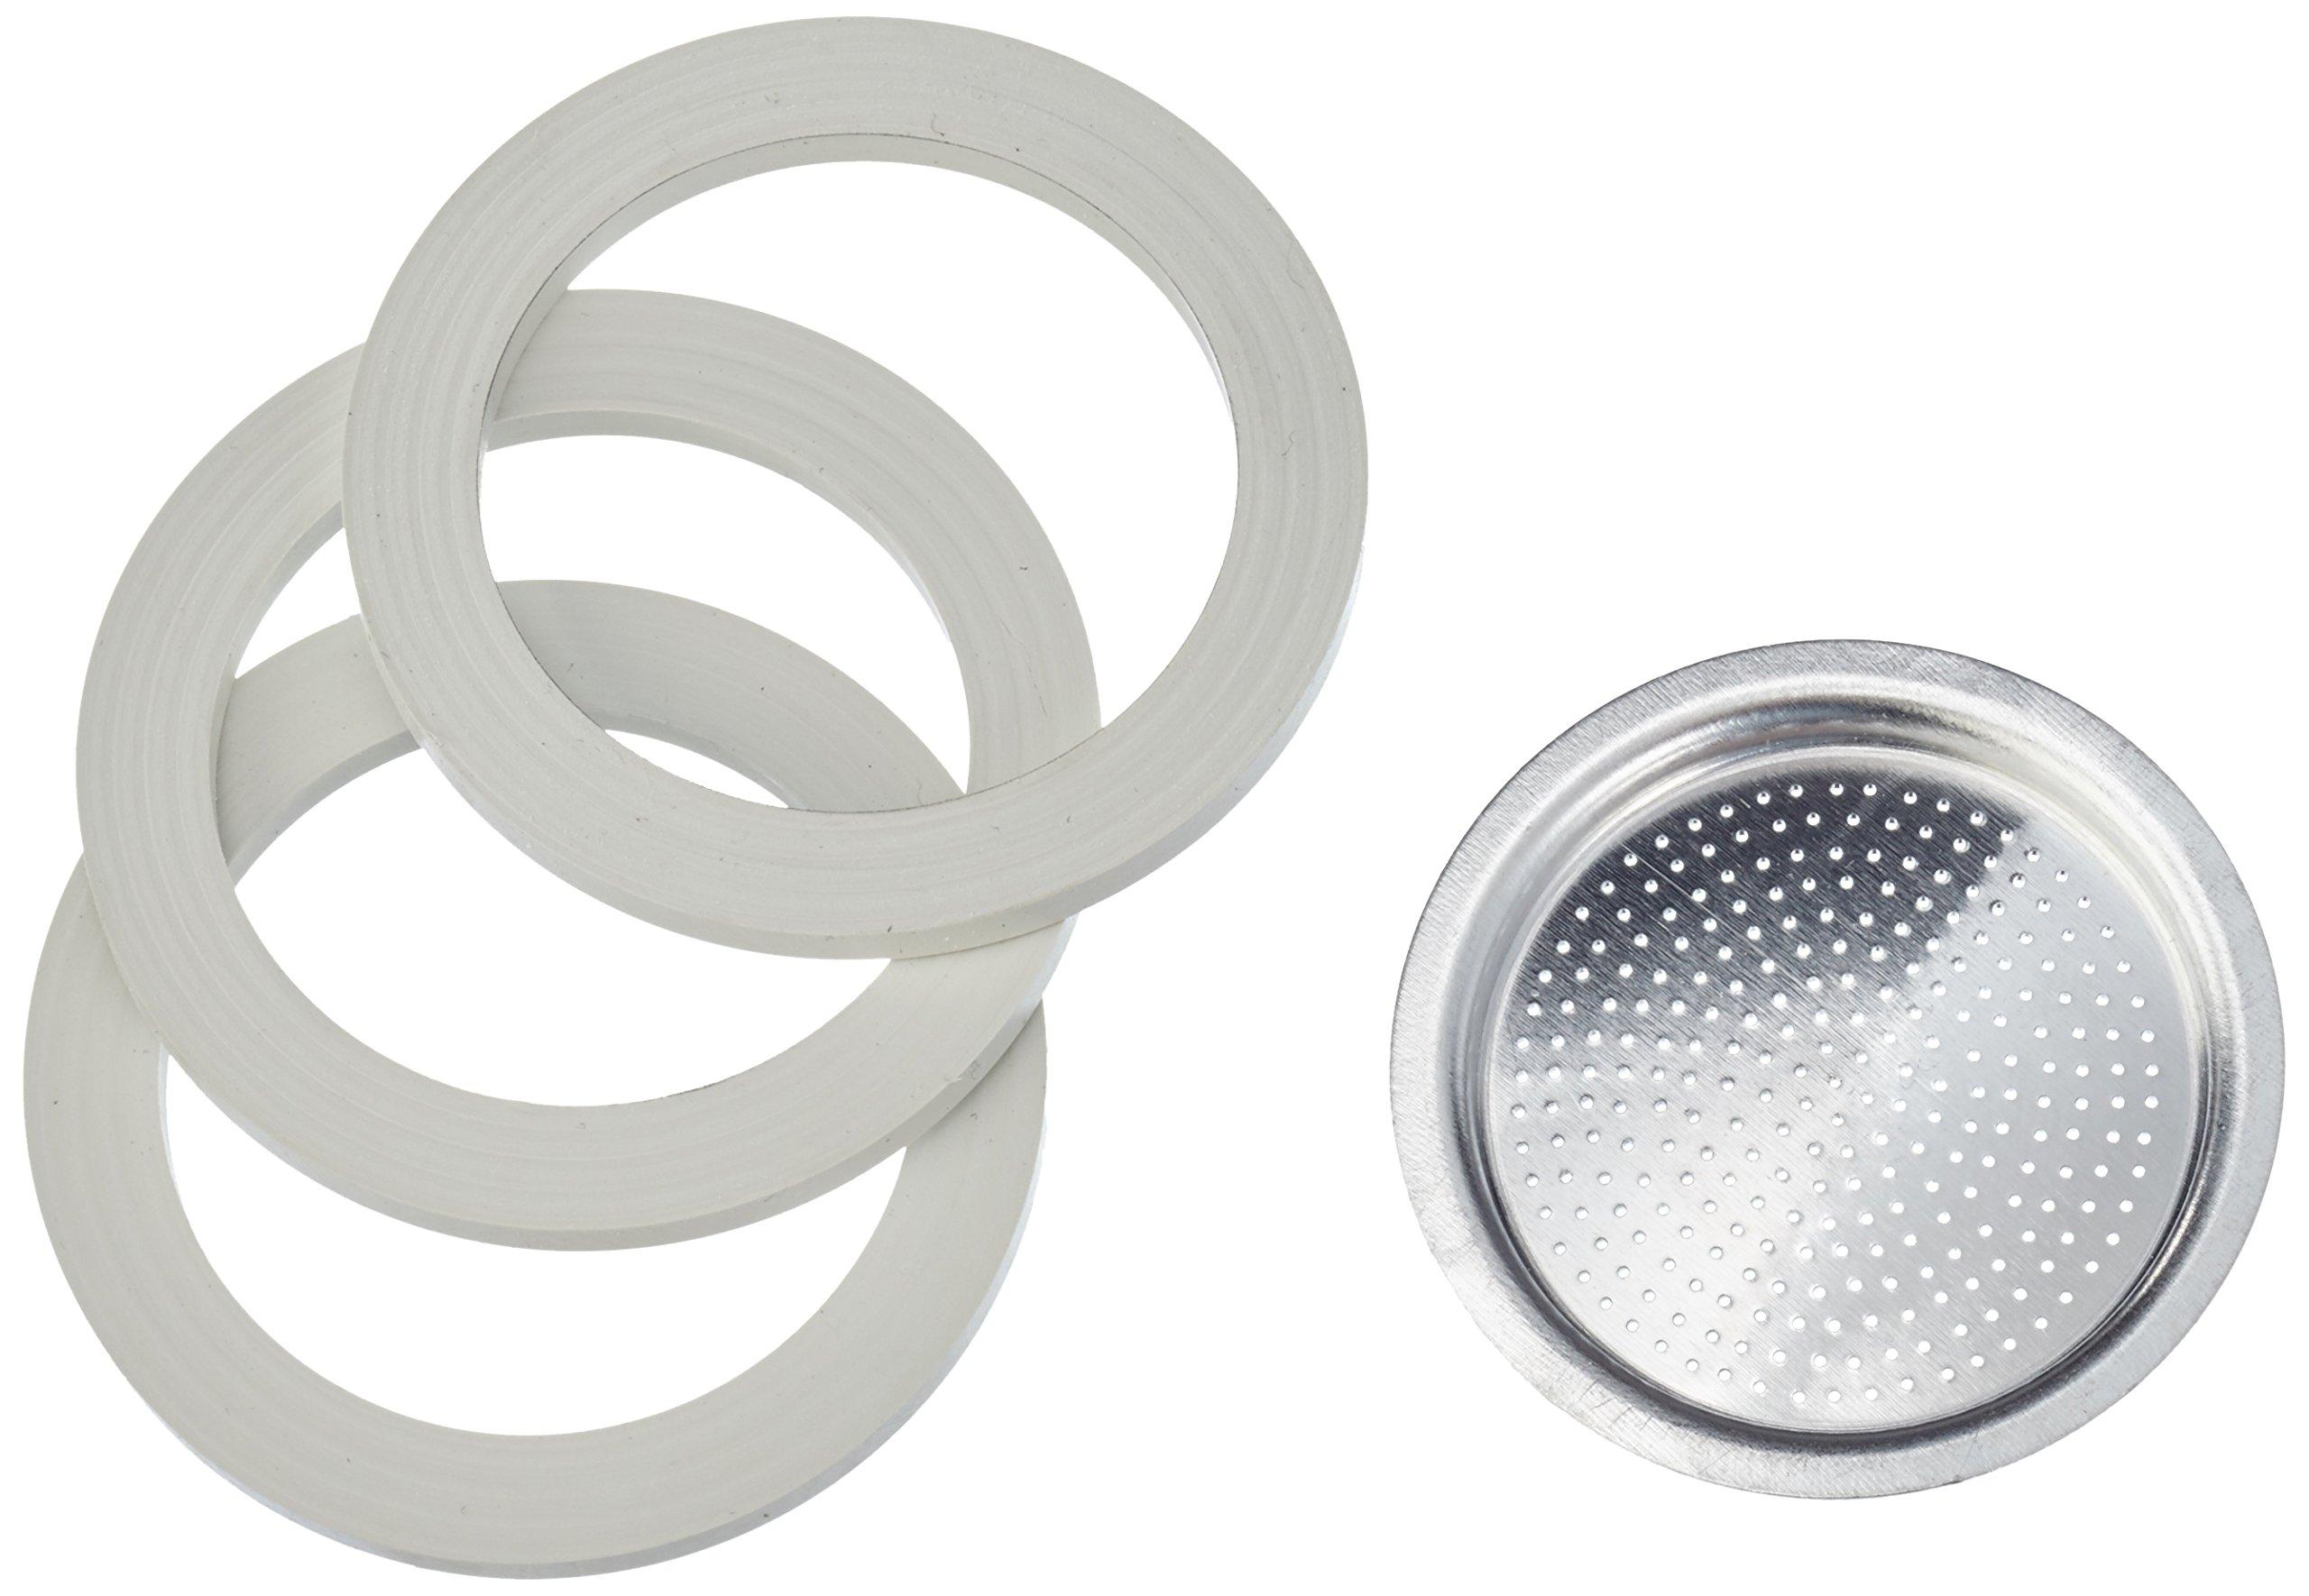 Bialetti Guarniciones y filtro, 2 tazas: Amazon.es: Hogar